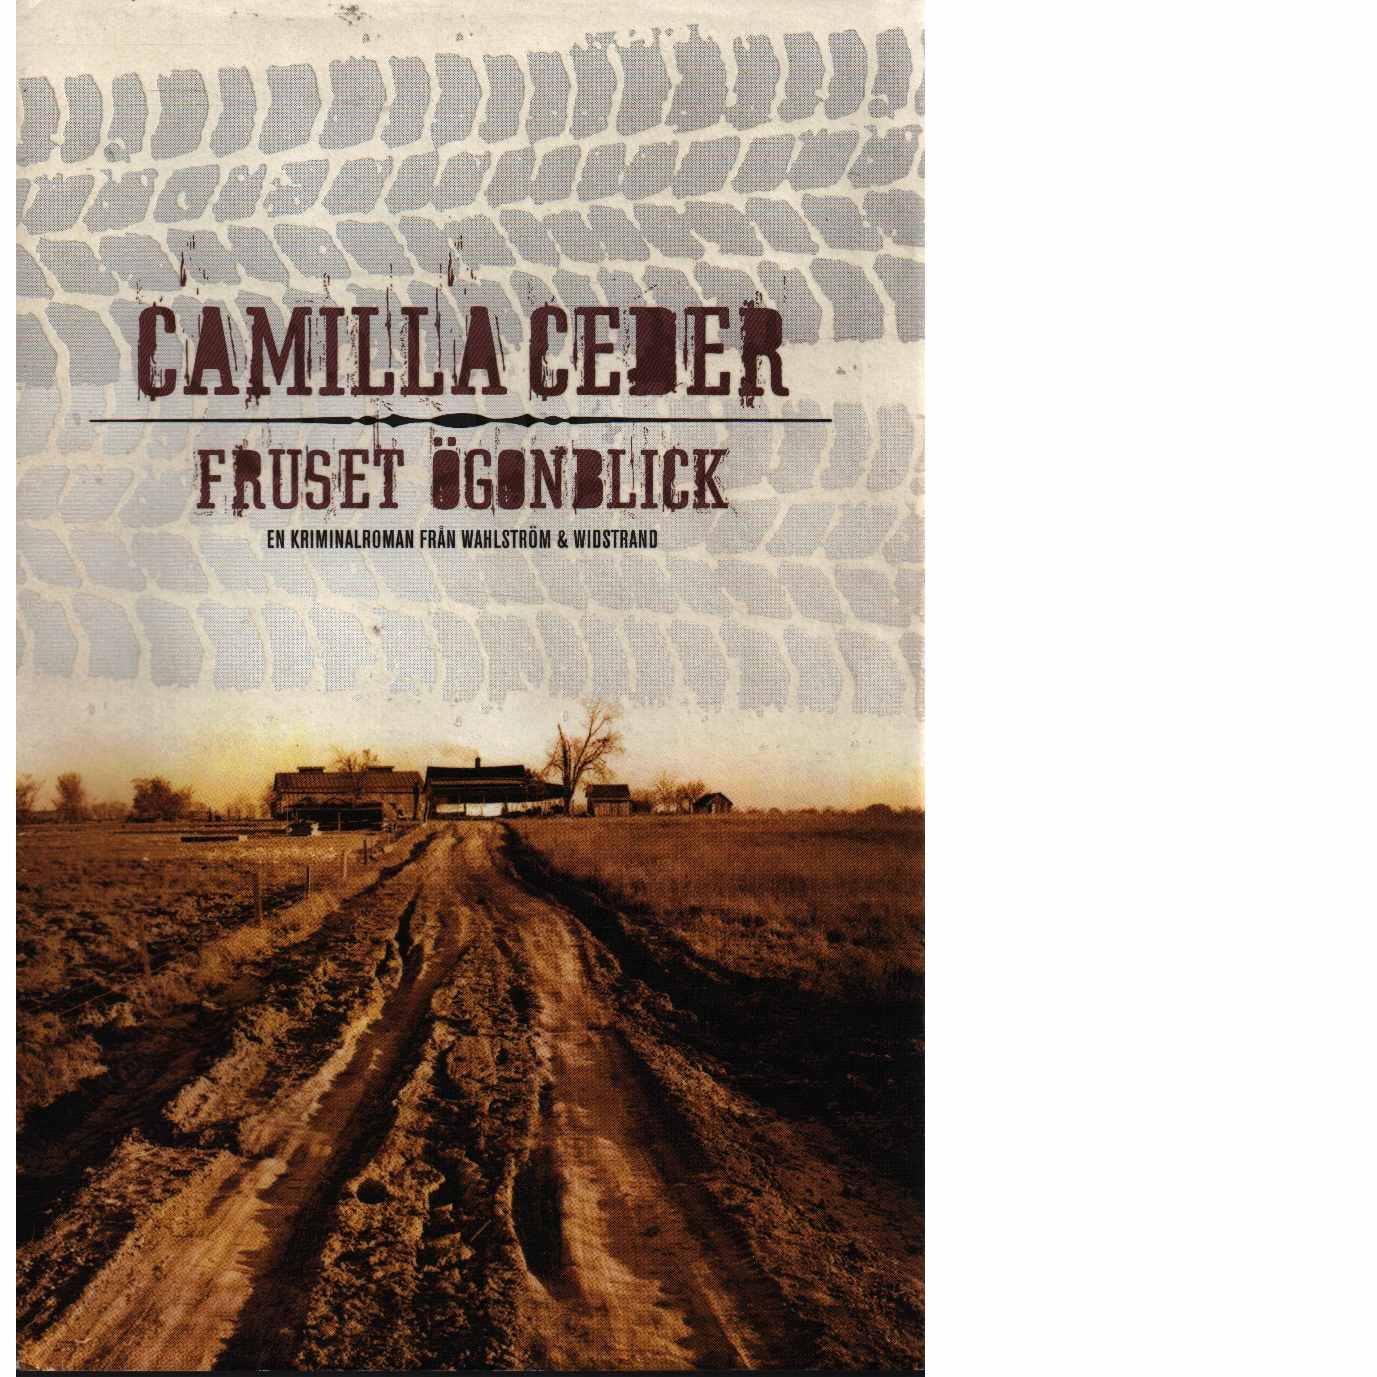 Fruset ögonblick - Ceder, Camilla